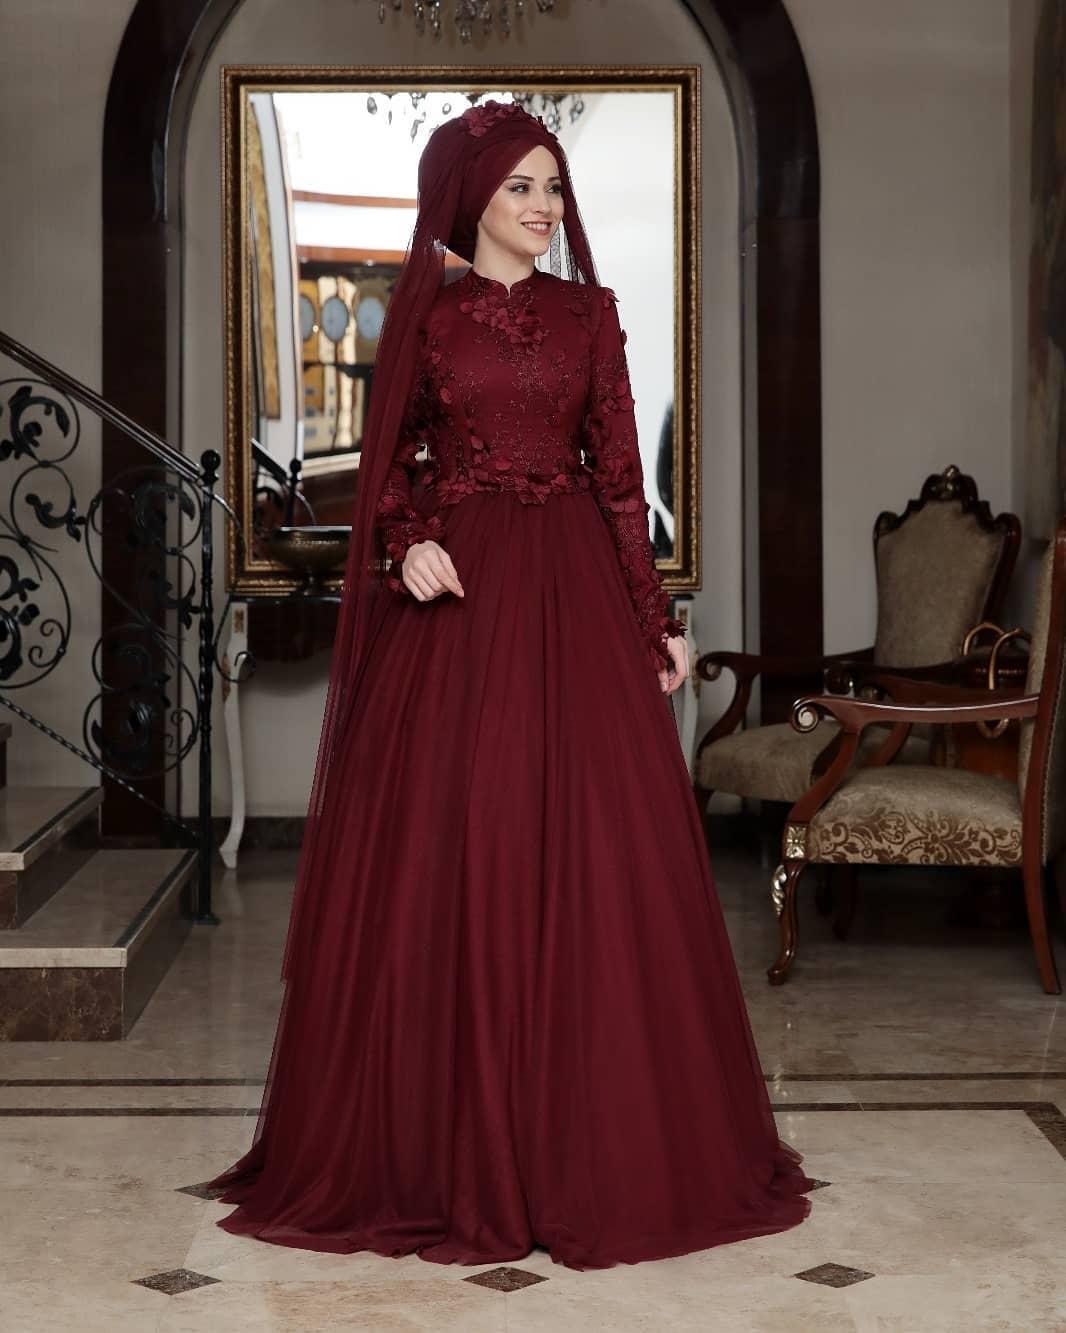 Tesettür Abiye Elbise Mağazaları 3 - 2018 En Şık Tesettürlü Abiye Elbise Modelleri